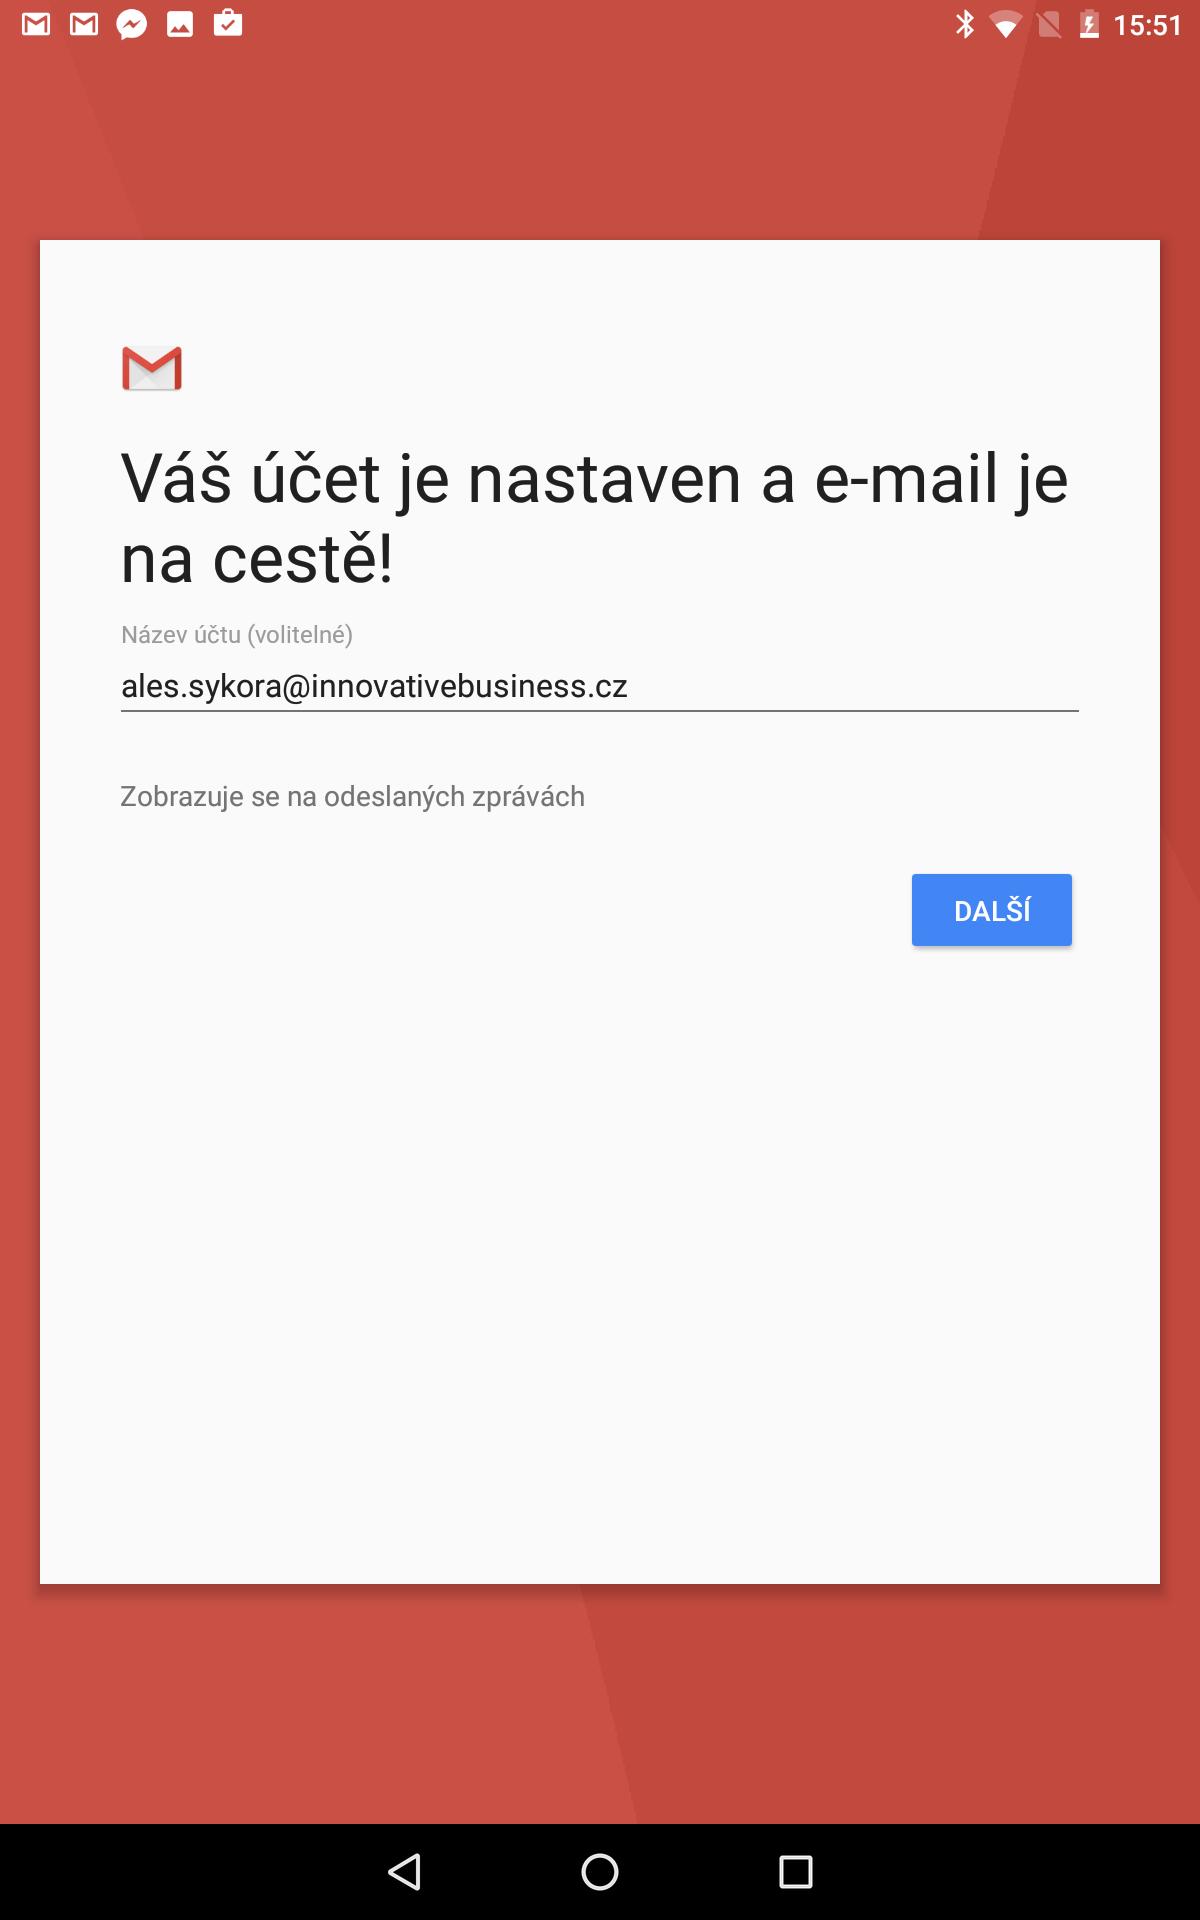 Nastavení synchronizace e-mailu Exchange Online v Androidu